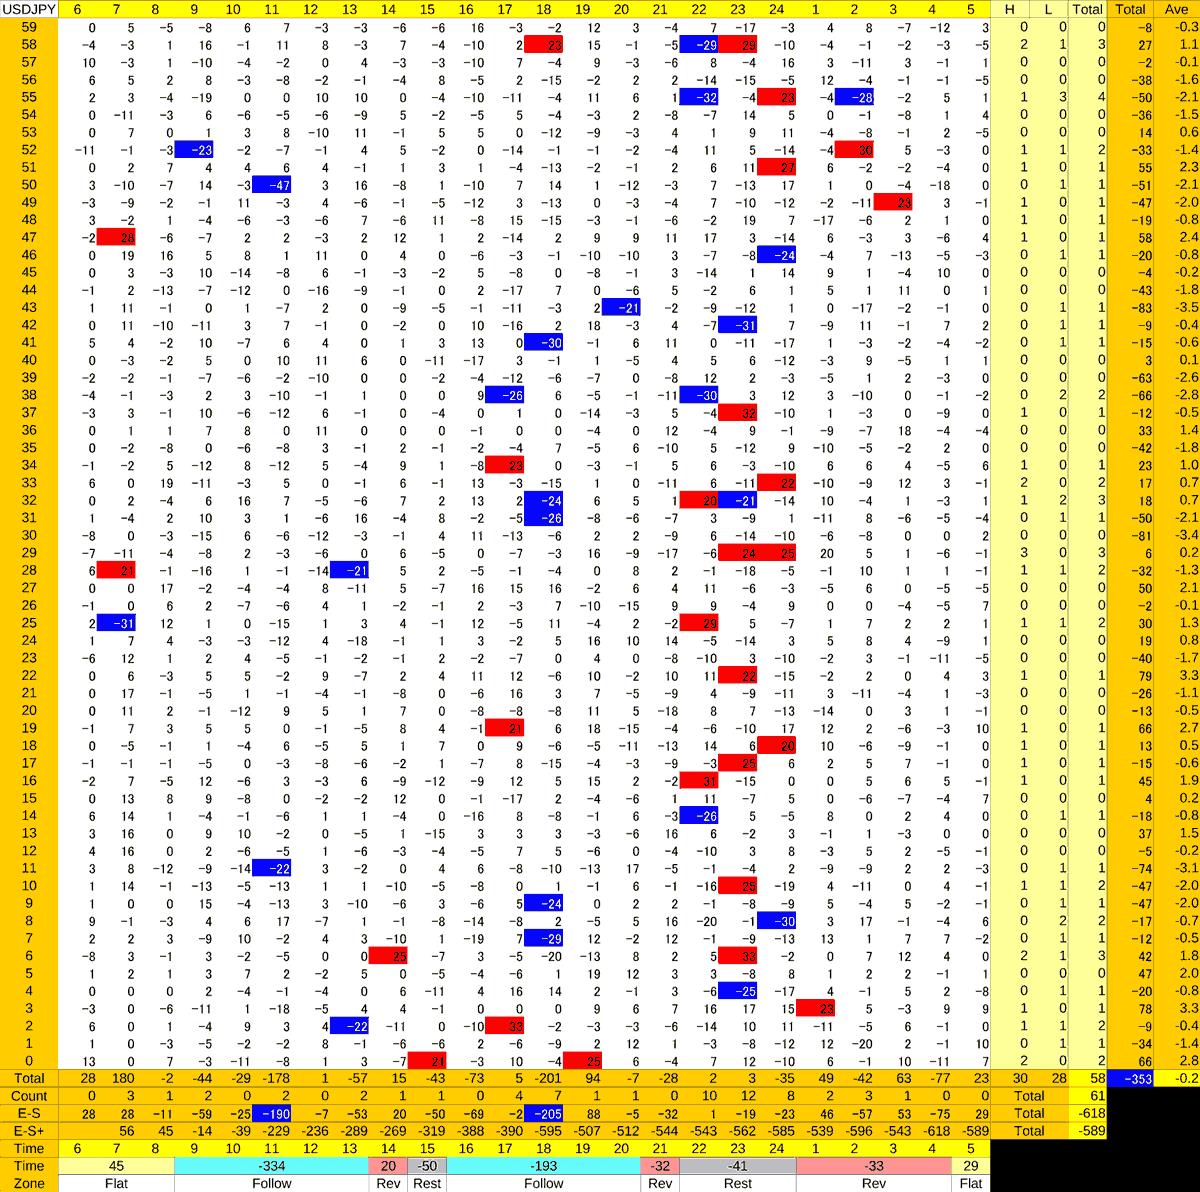 20210209_HS(1)USDJPY